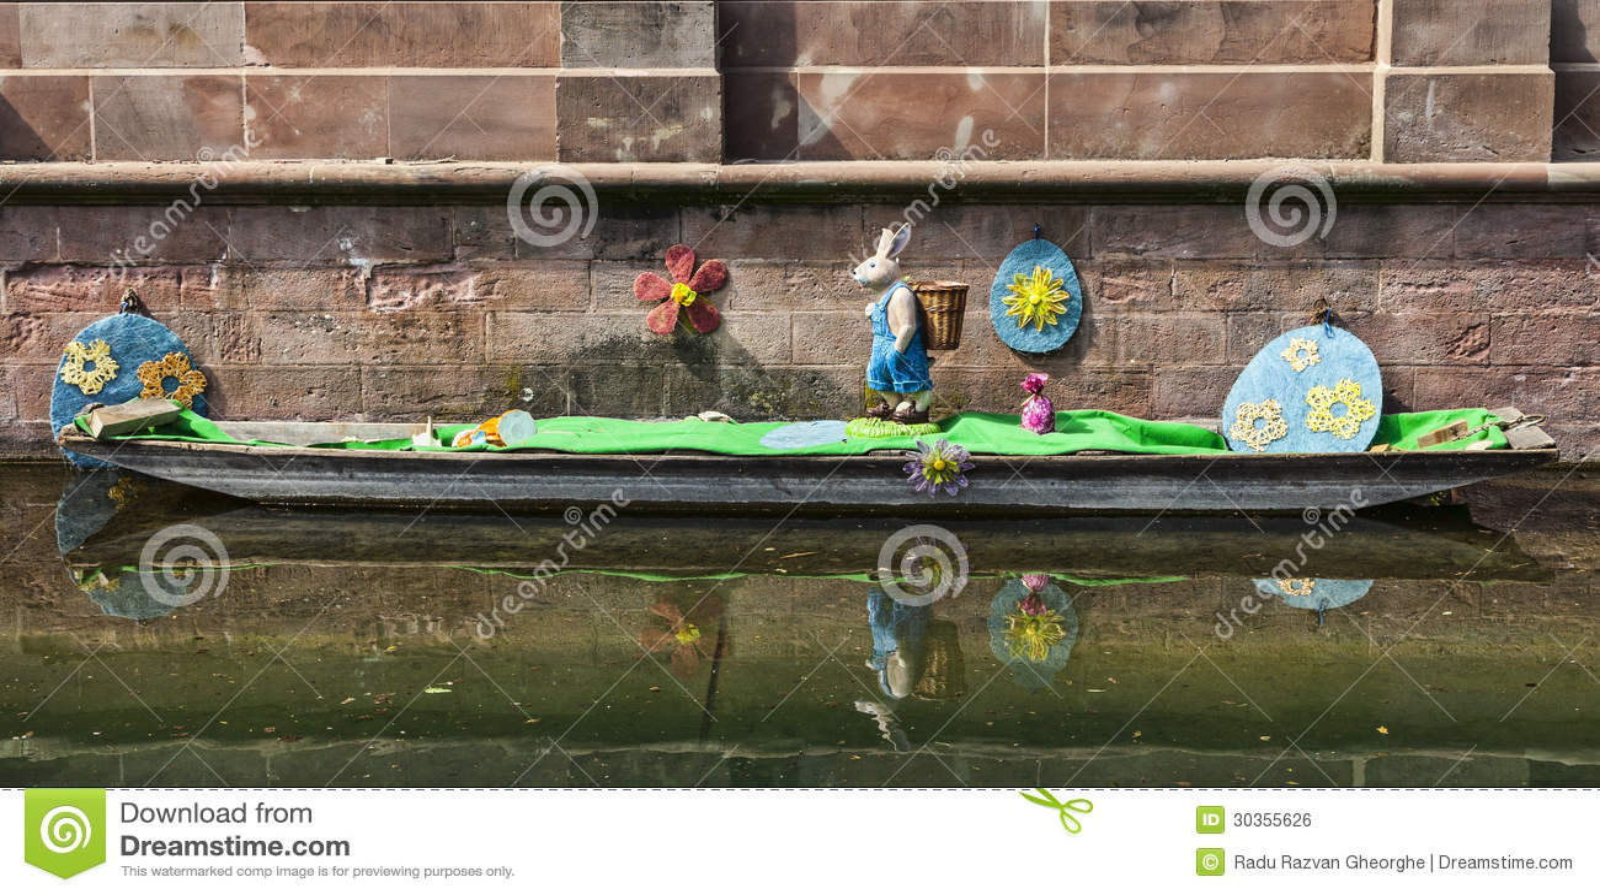 Ostern dekoration auf einem kanal in colmar redaktionelles Dekoration frankreich